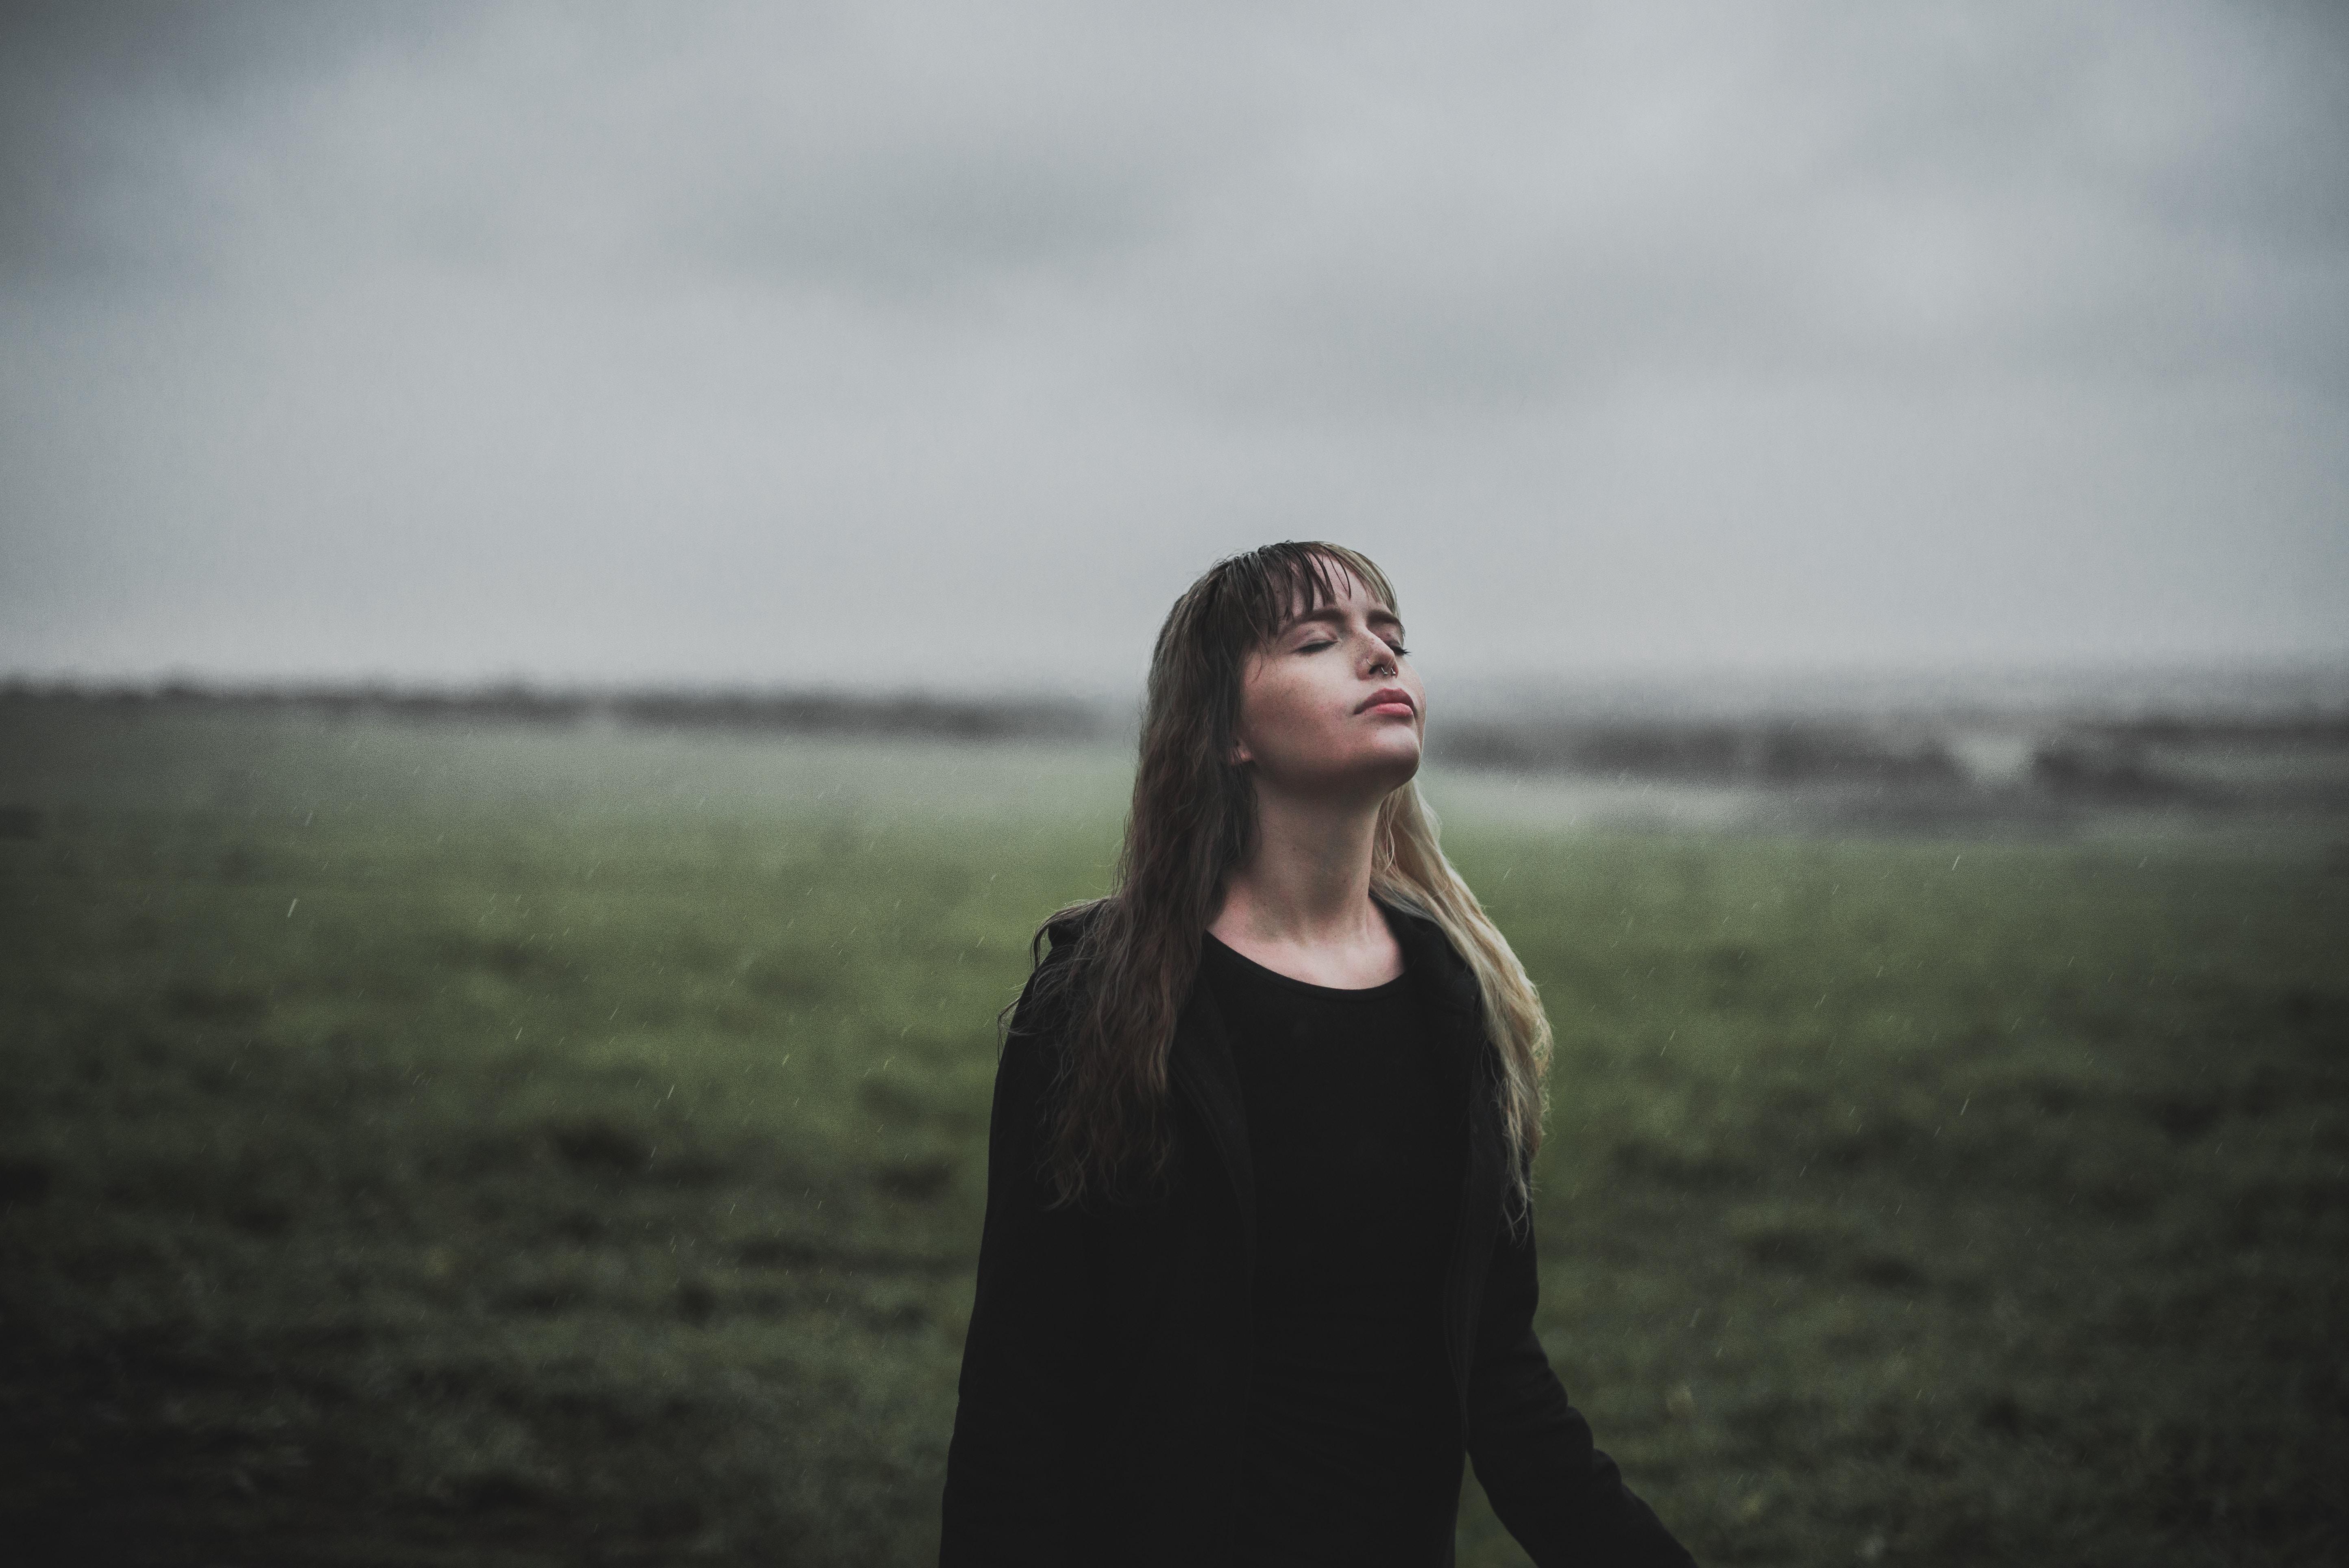 The Heart's Rain theheartsrain stories